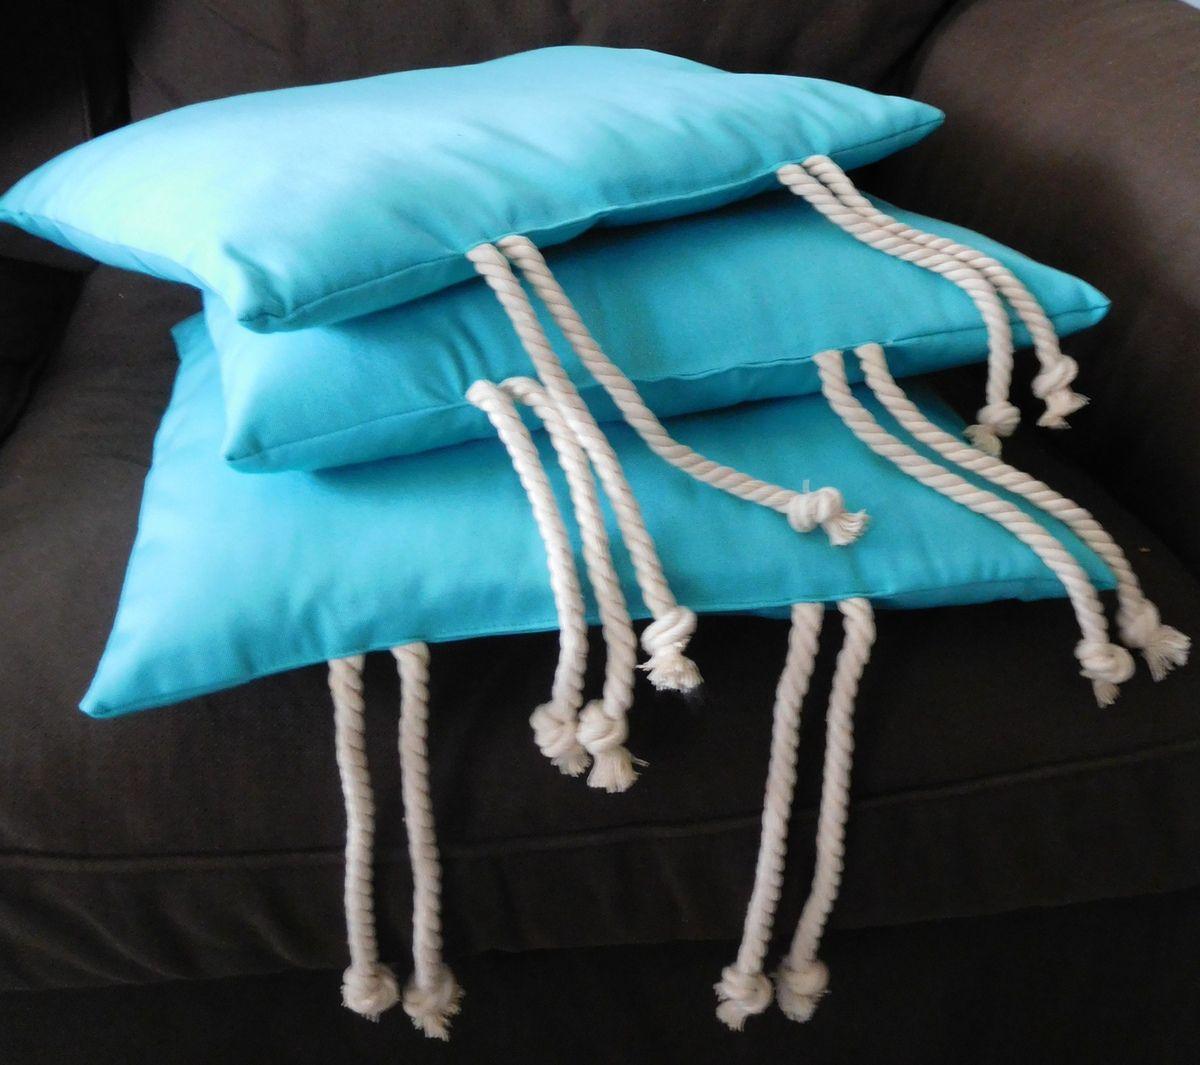 Galettes de chaises lagon et corde marine